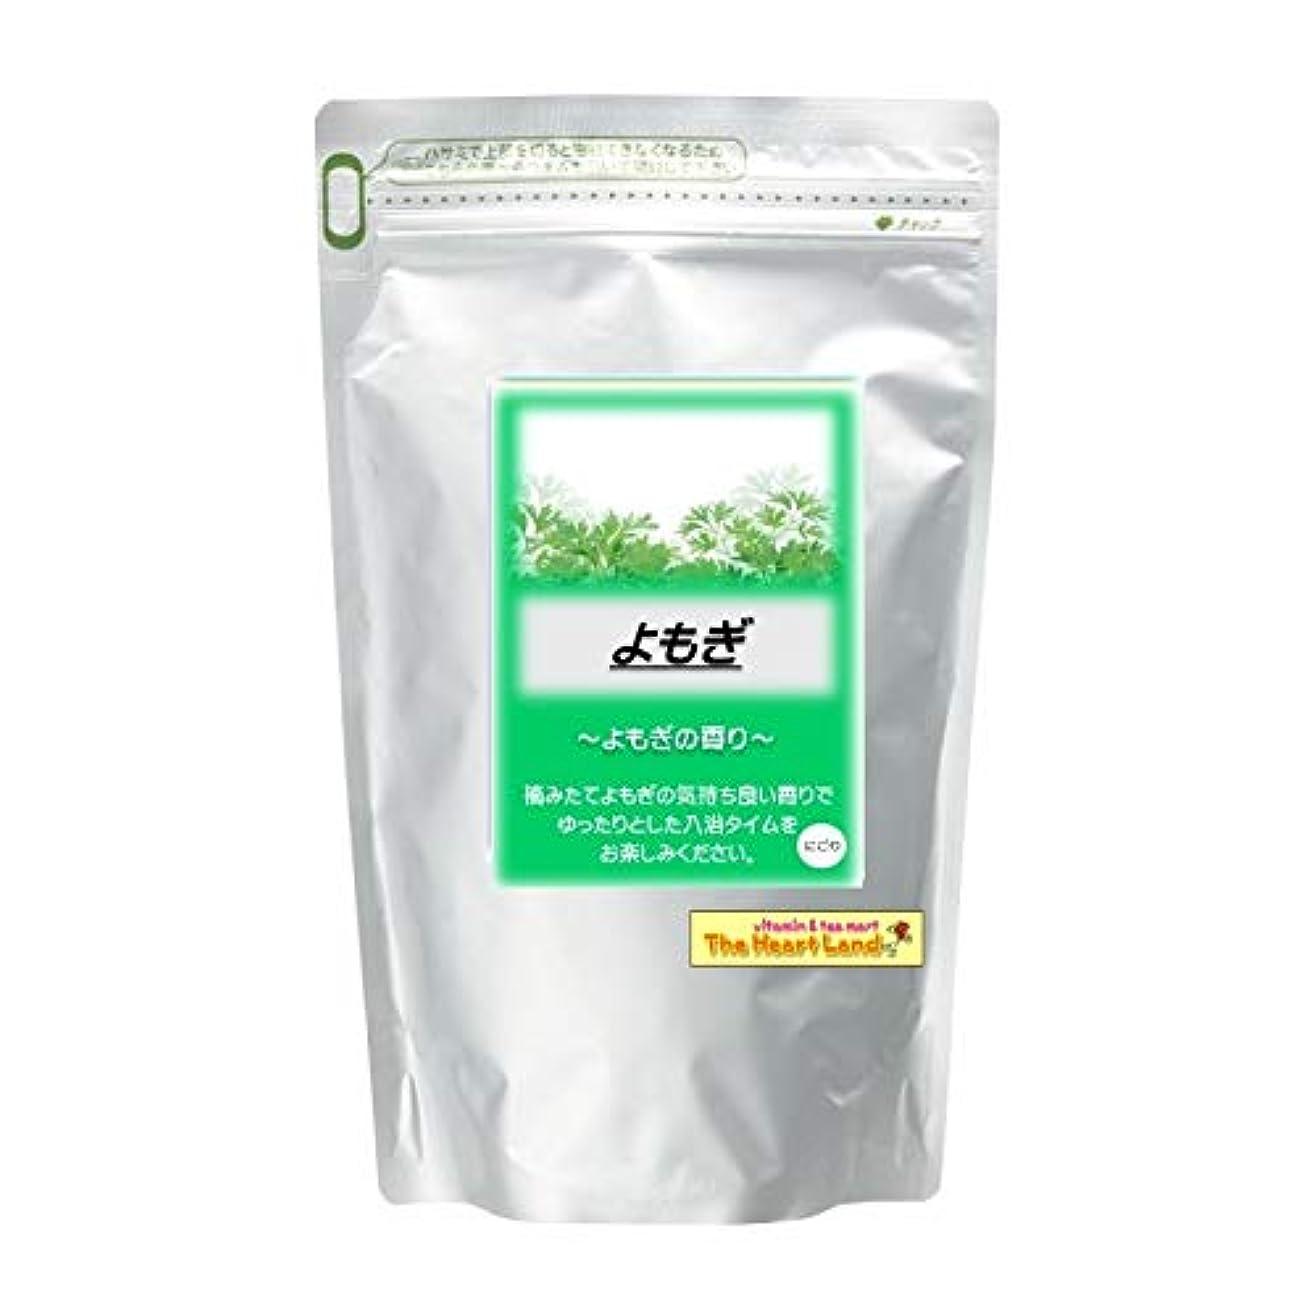 規制するデコードするガチョウアサヒ入浴剤 浴用入浴化粧品 よもぎ 2.5kg